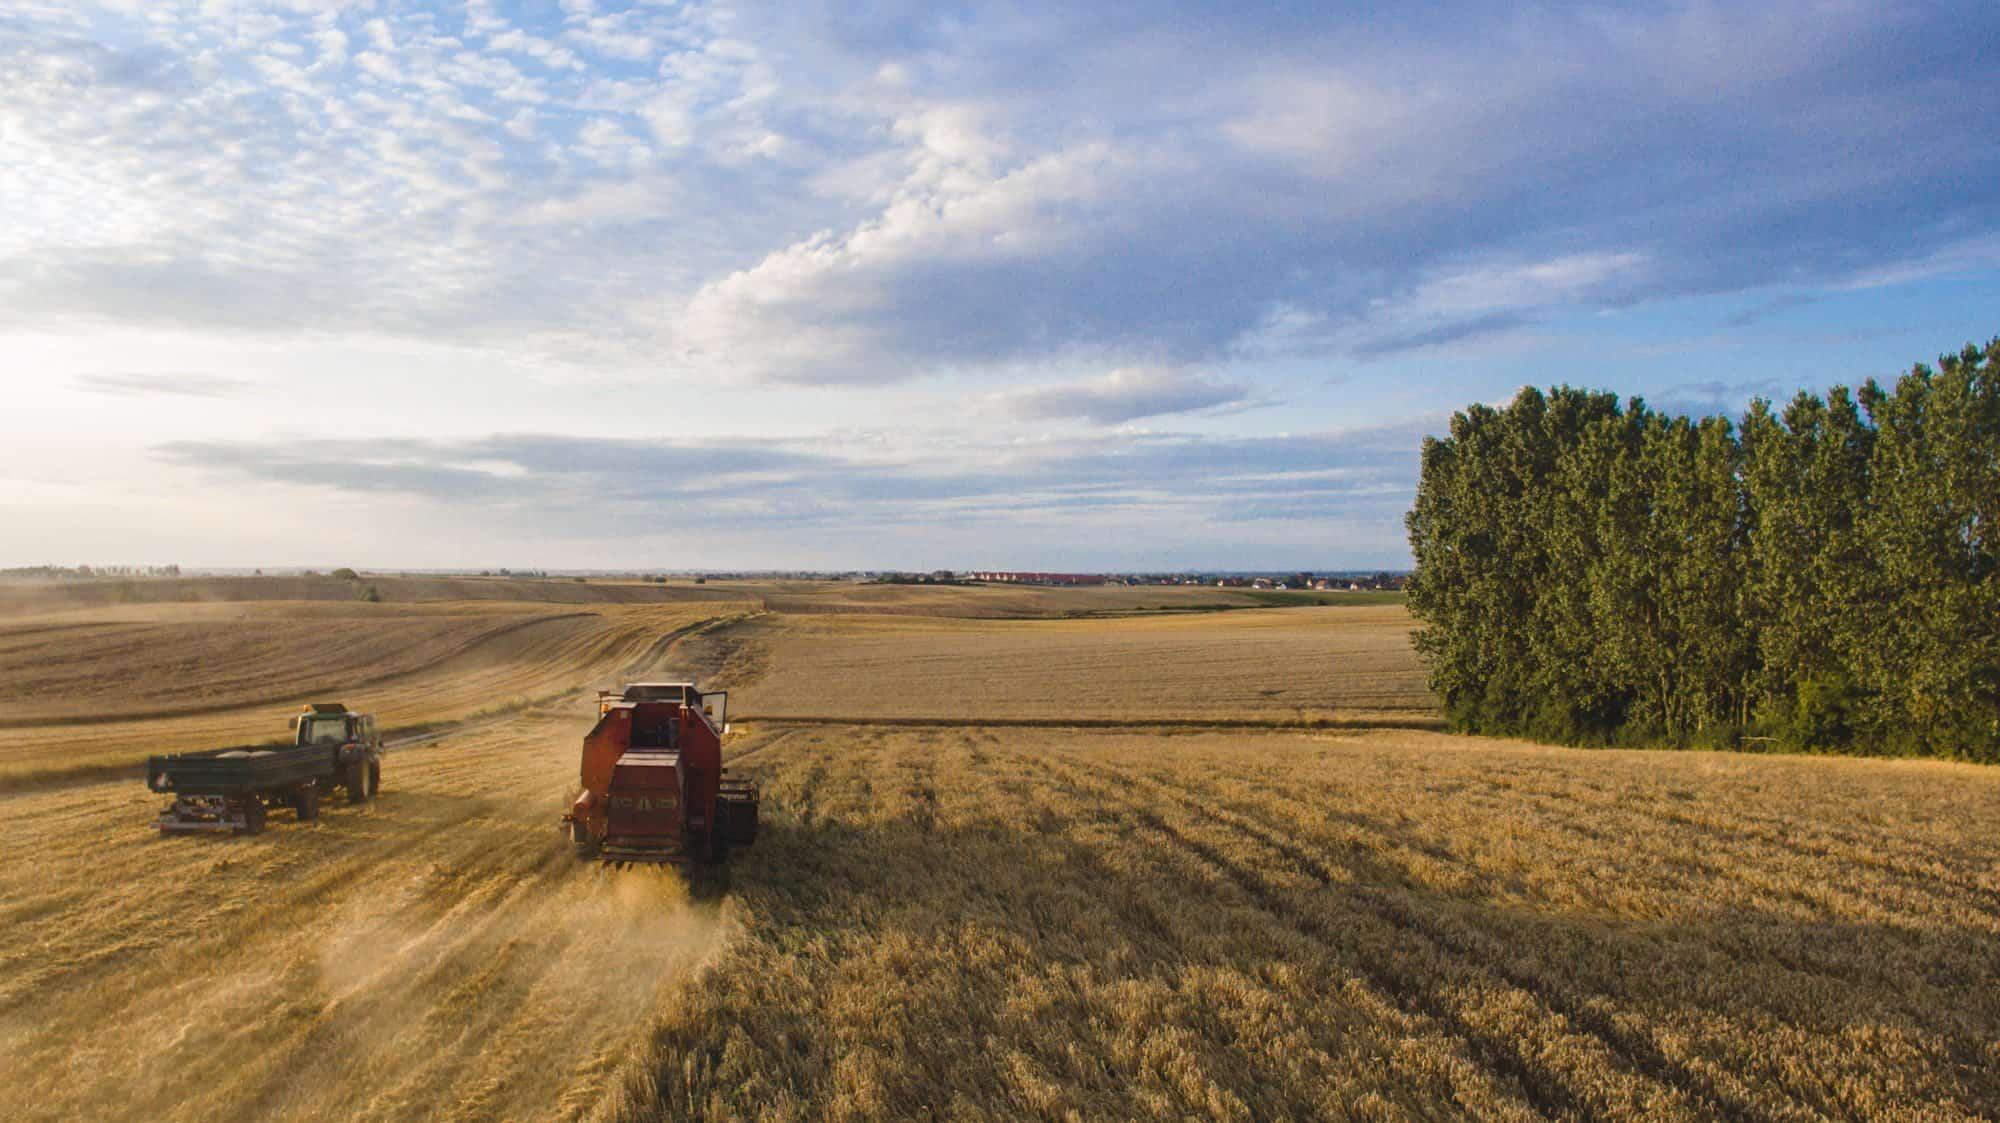 Flottenversicherung Landwirtschaft